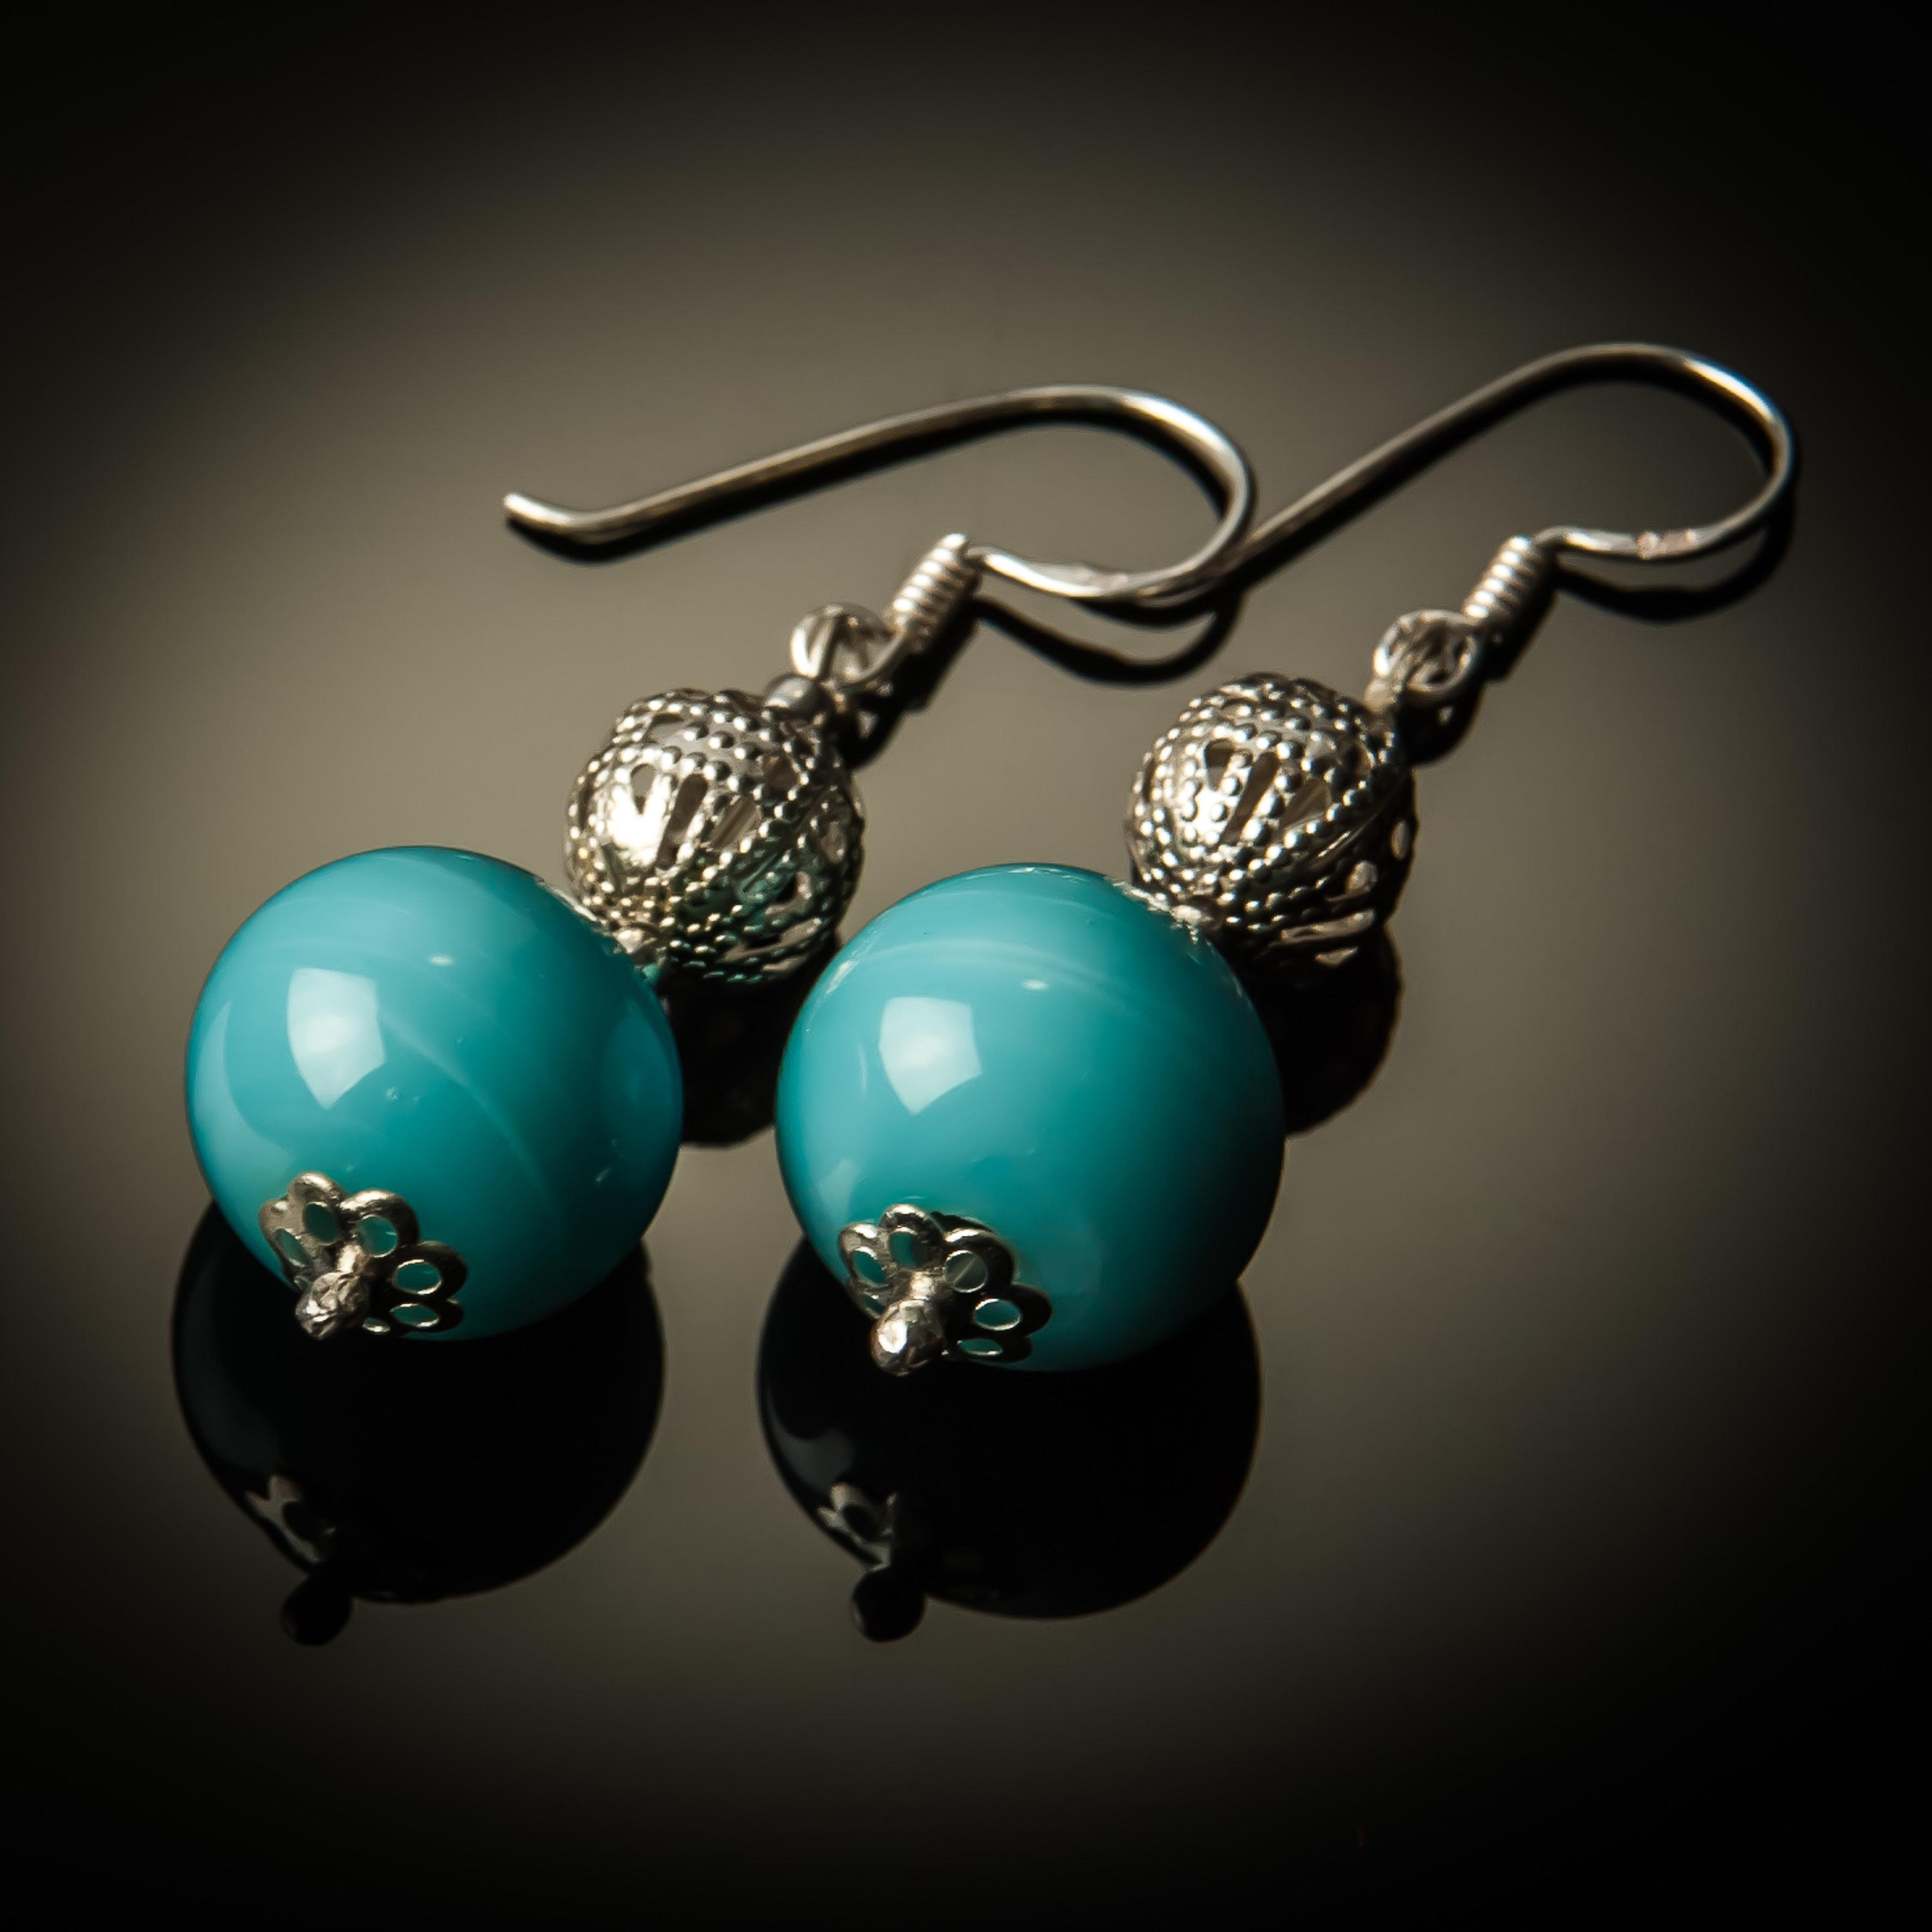 Blue Glass Bead Sterling Silver Earrings 782-ER Blue